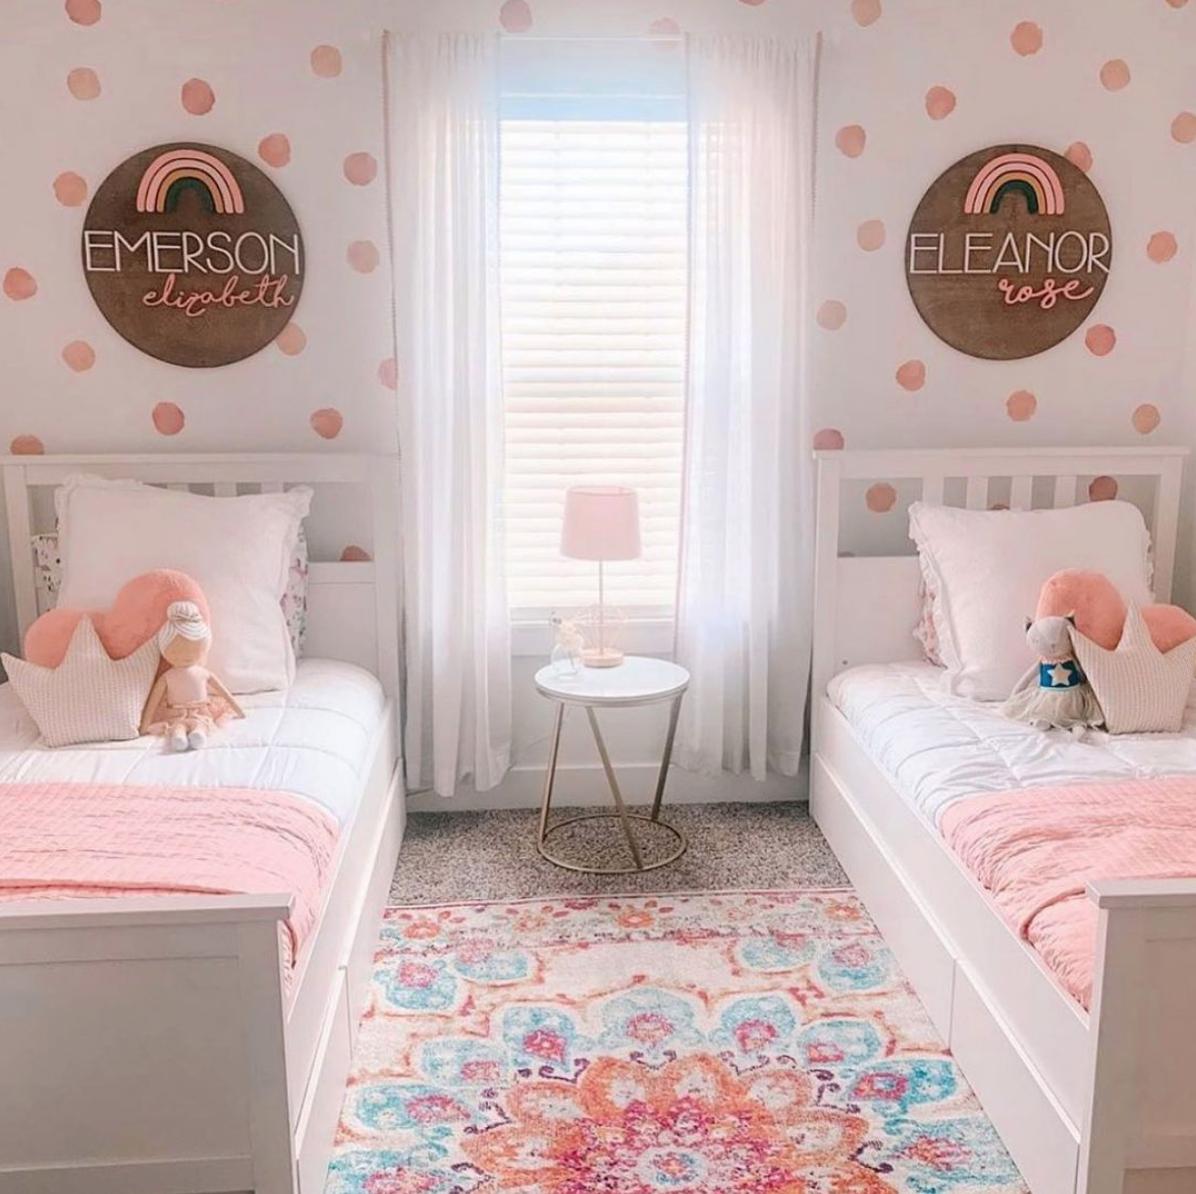 Children's Design Trends - Watercolor Polka Dot Decals in Shared Girls Room by @klarkin1501